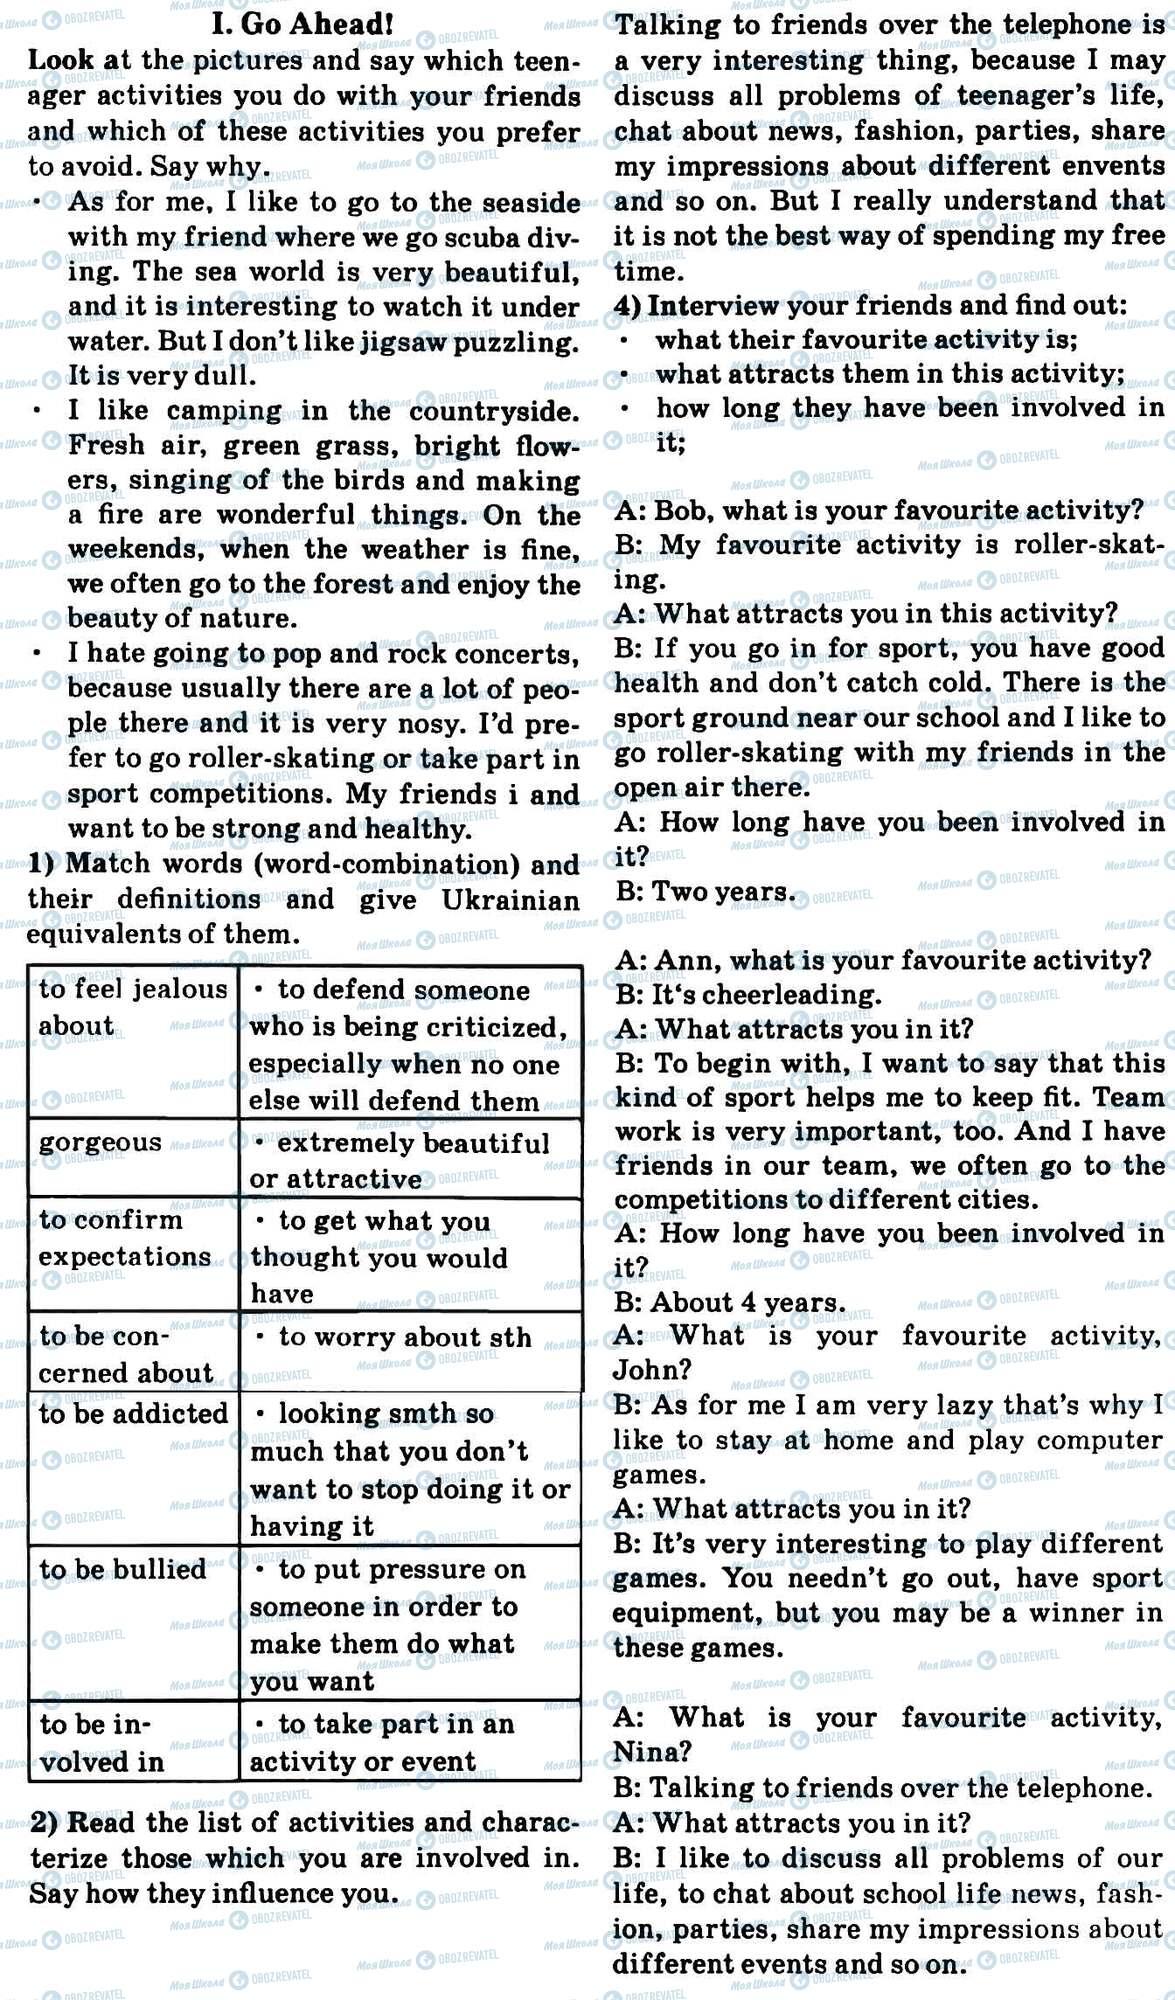 ГДЗ Англійська мова 9 клас сторінка 1. Go Ahead!